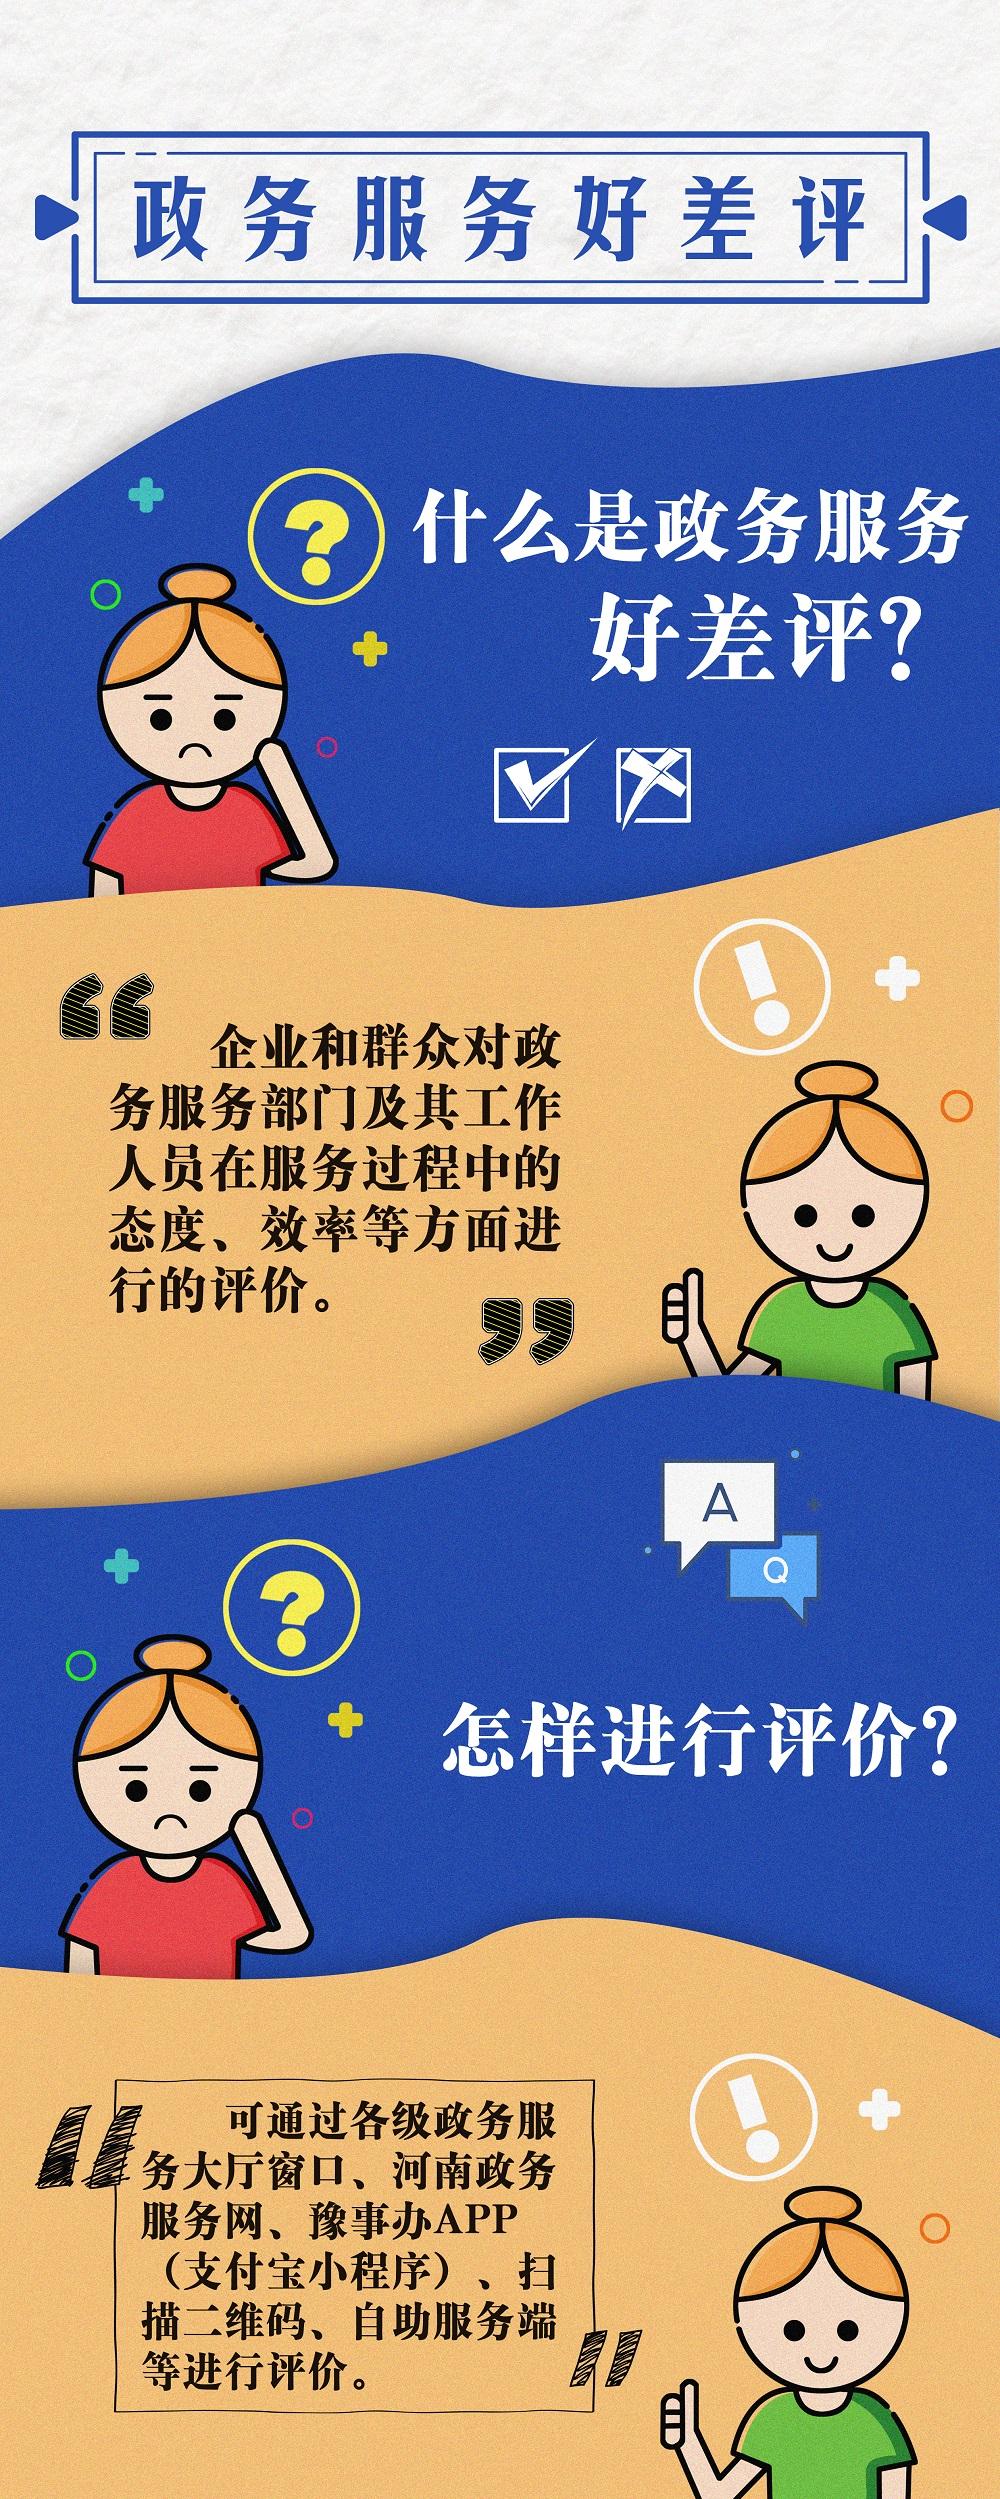 """服务好与差 请您来评价!河南建成全省统一的政务服务""""好差评""""系统"""